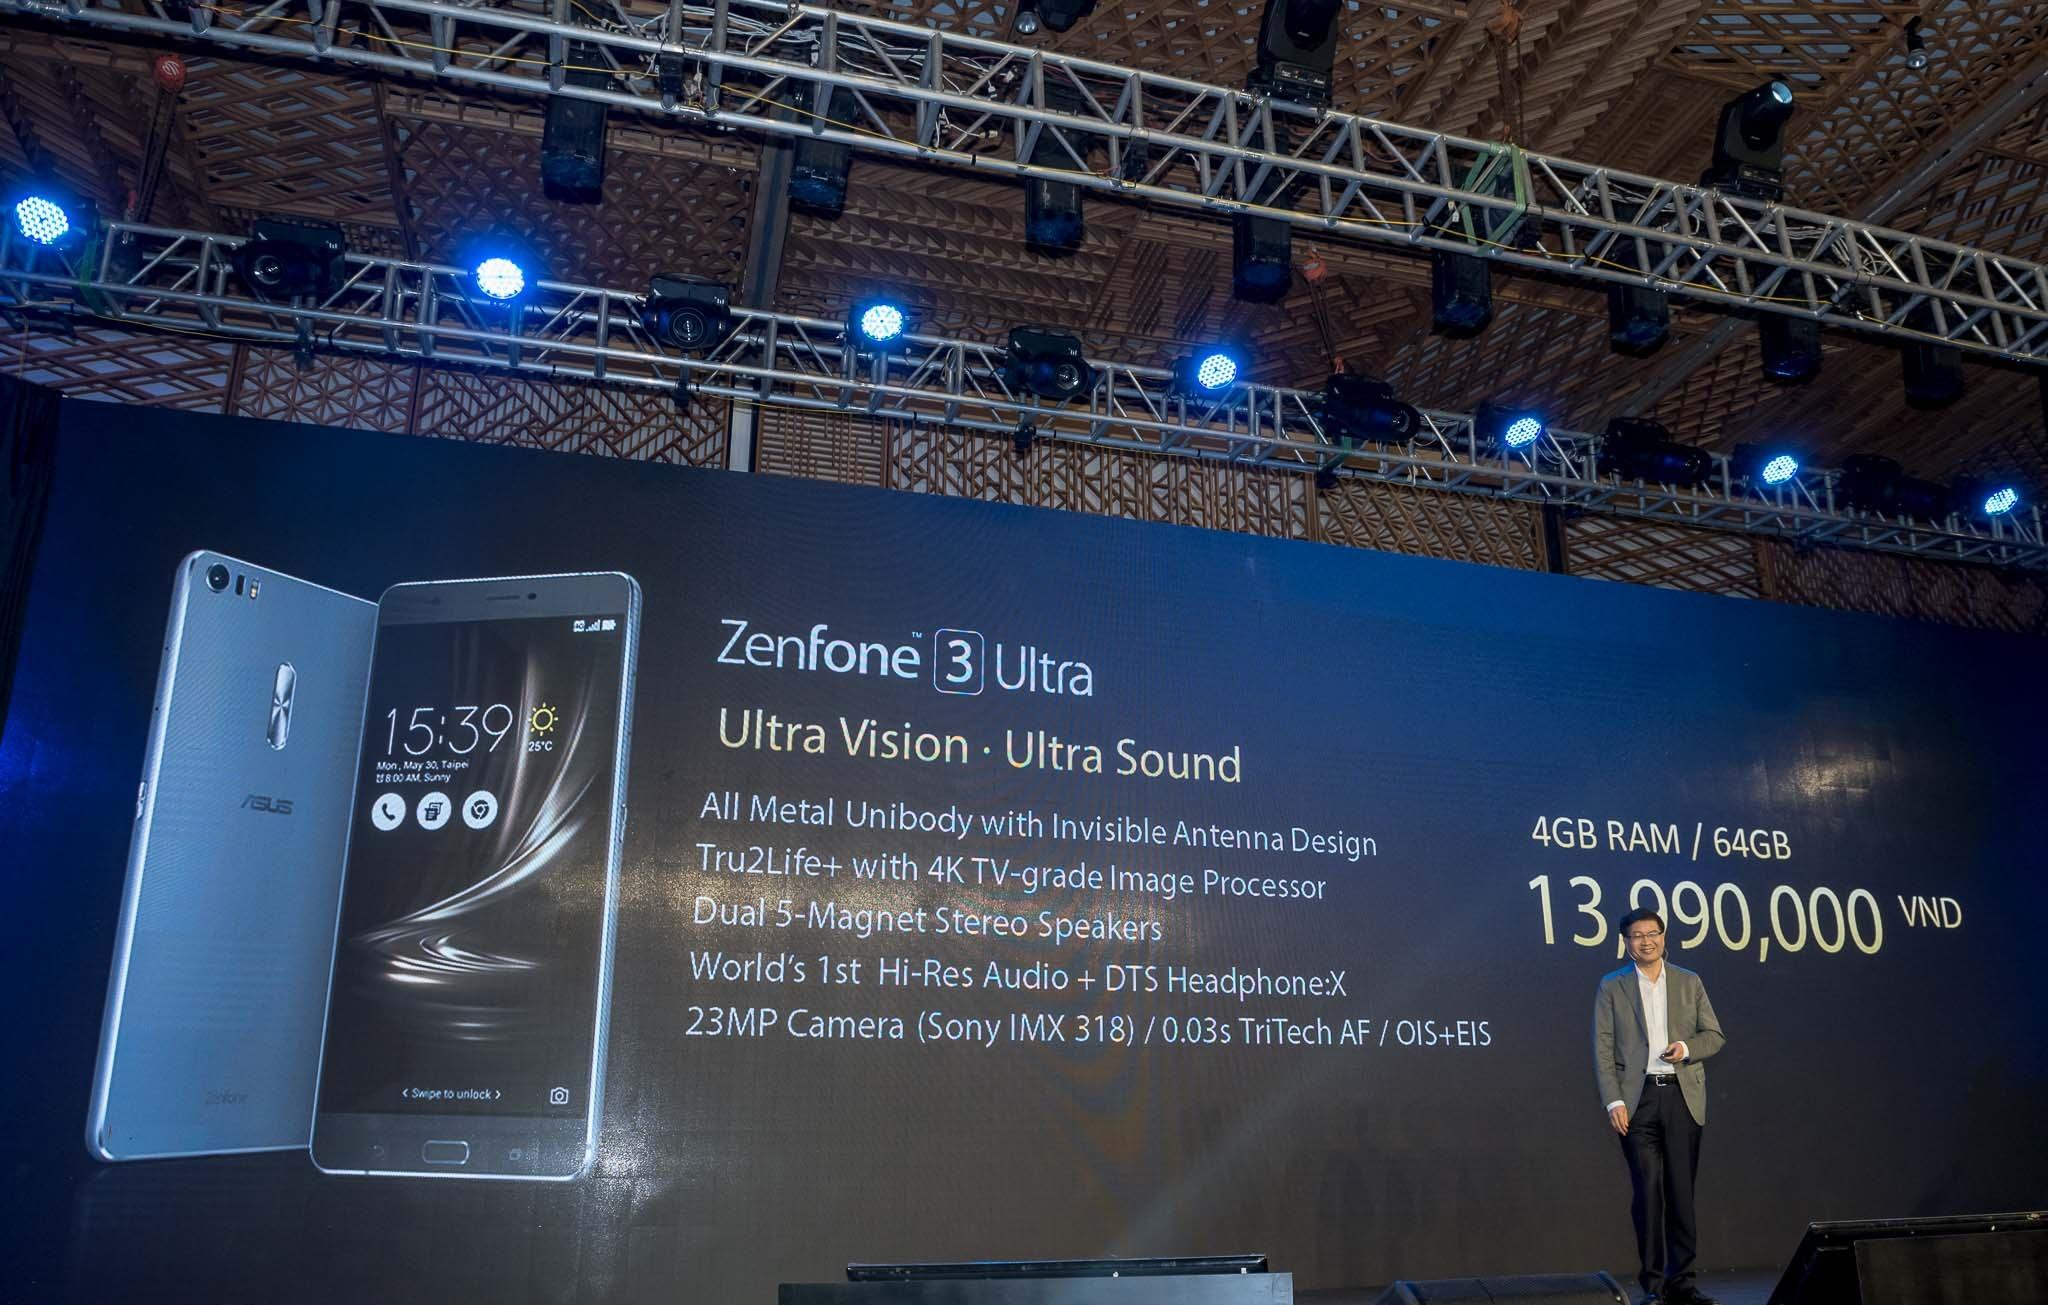 Giá bán và cấu hình của Zenfone 3 Deluxe.